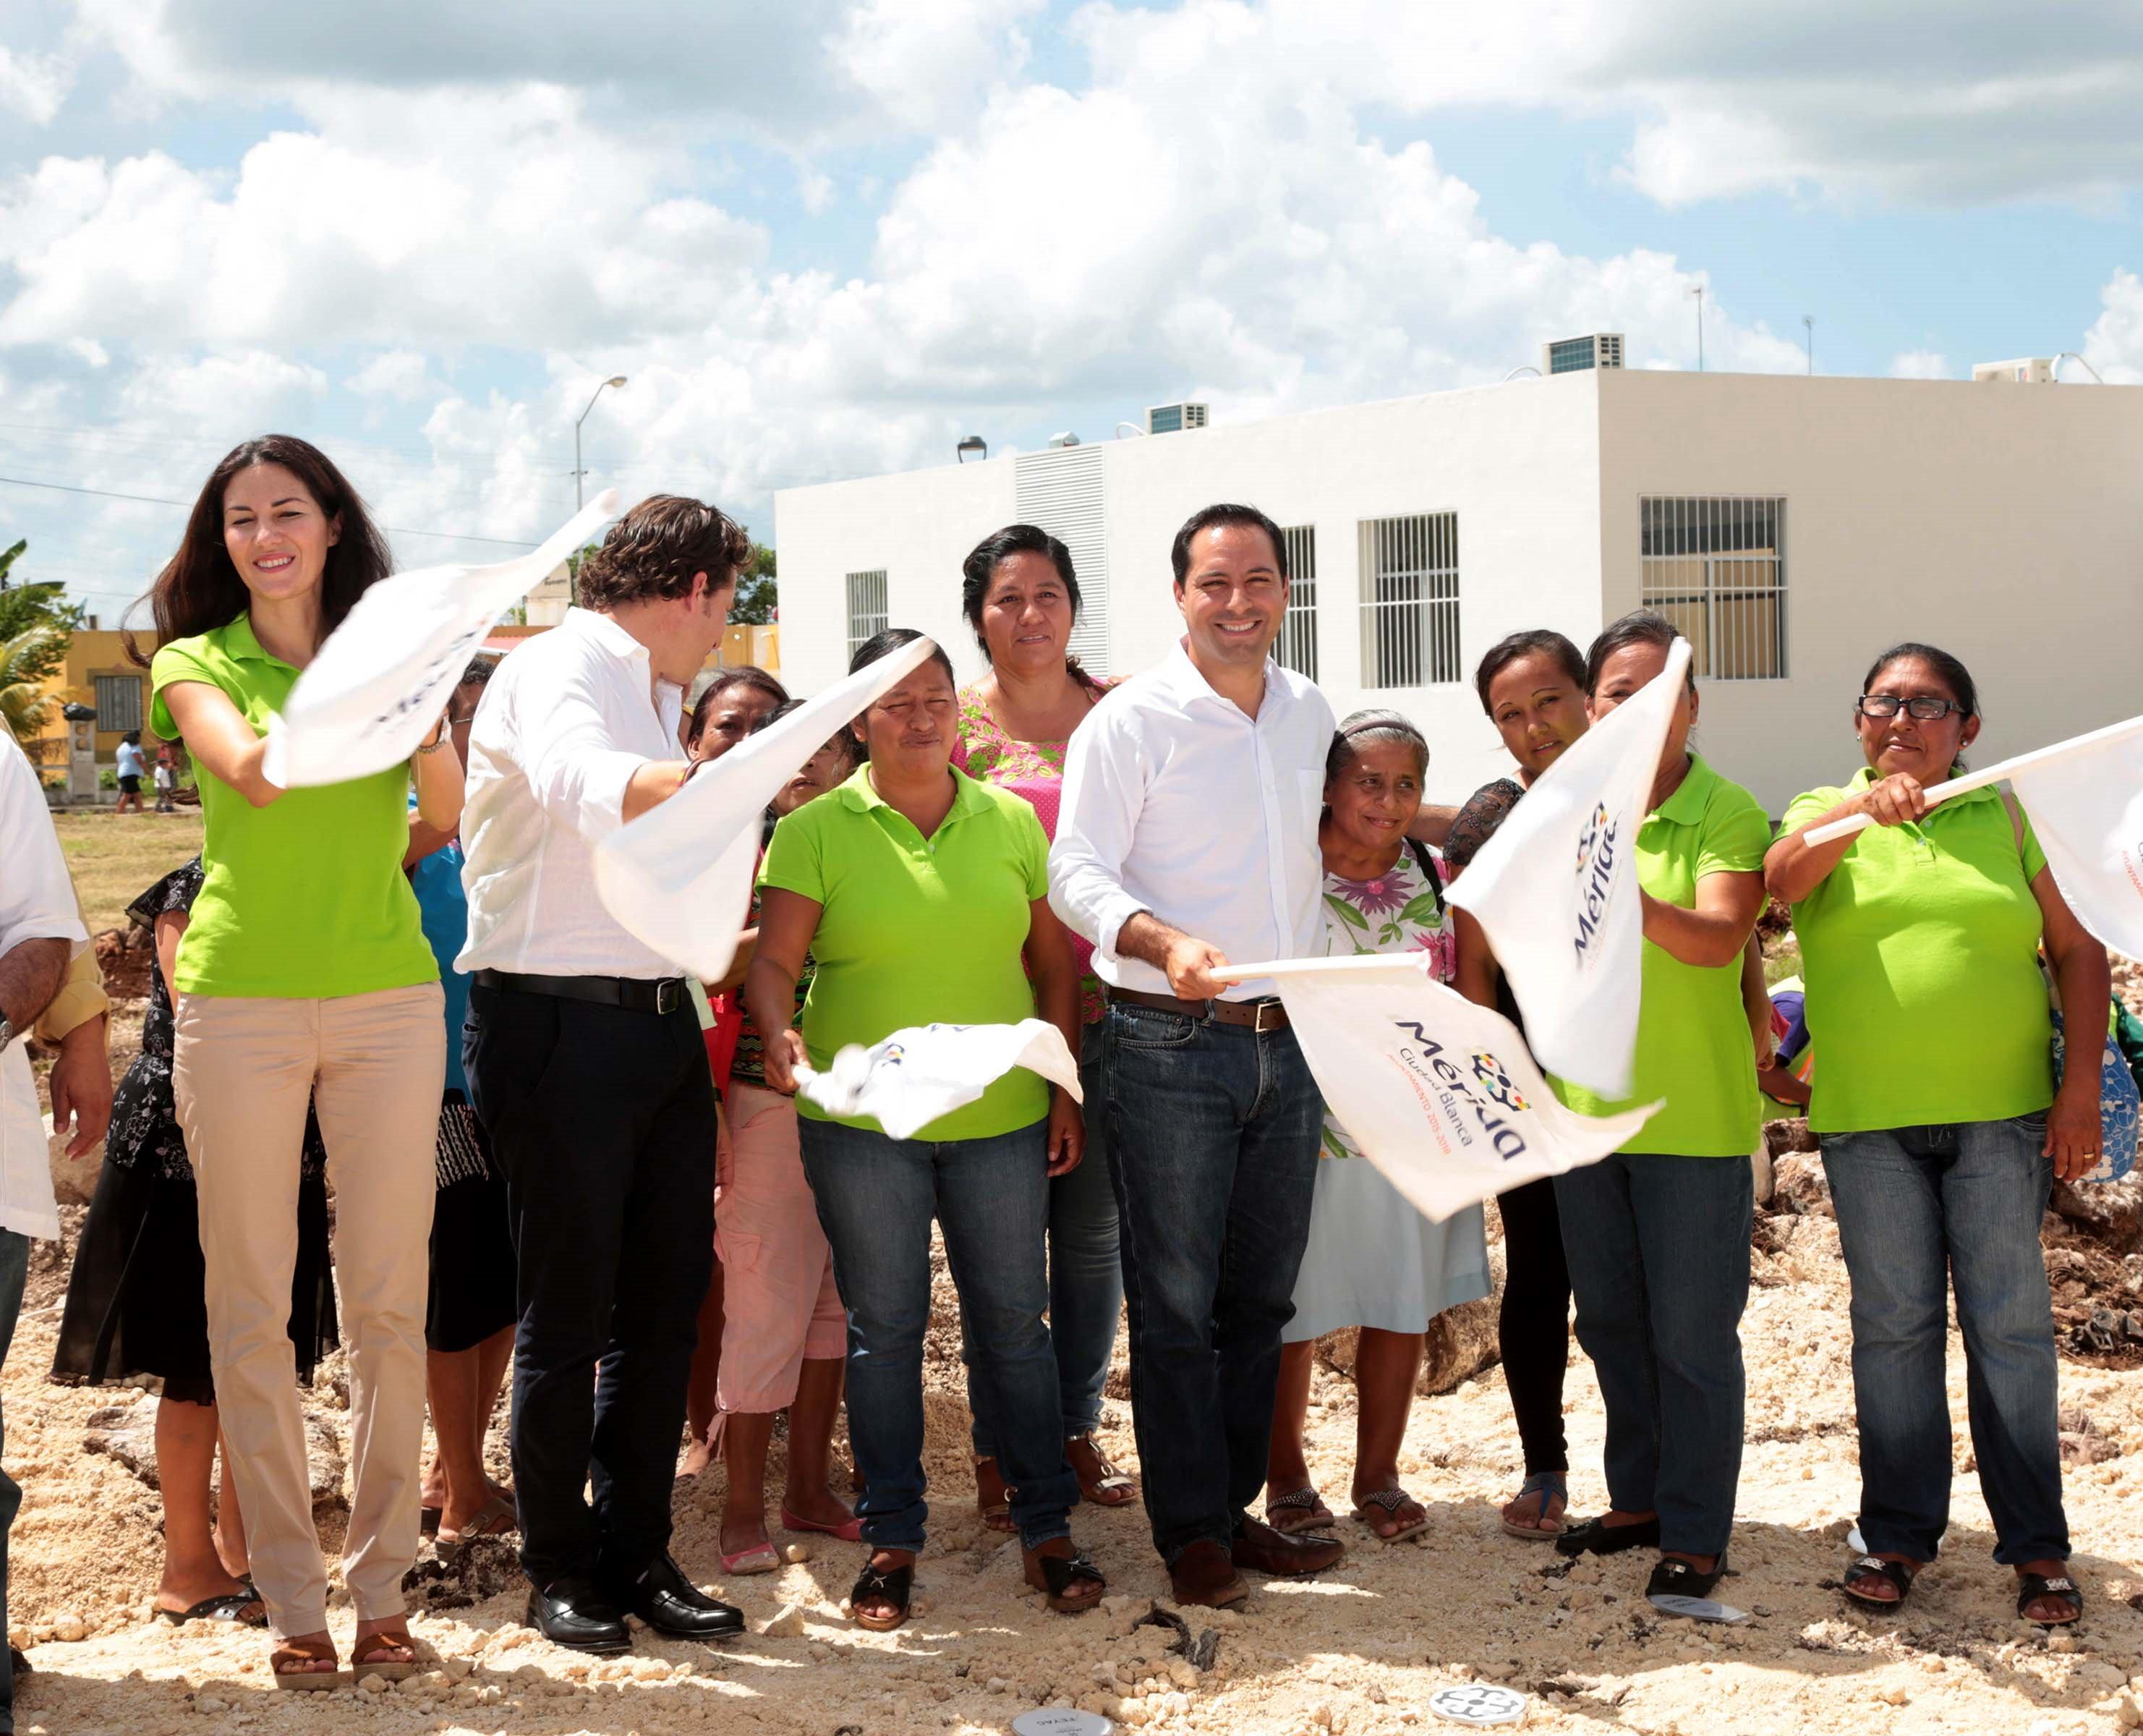 Esperan menor desigualdad en Mérida con Centro Integral del Sur